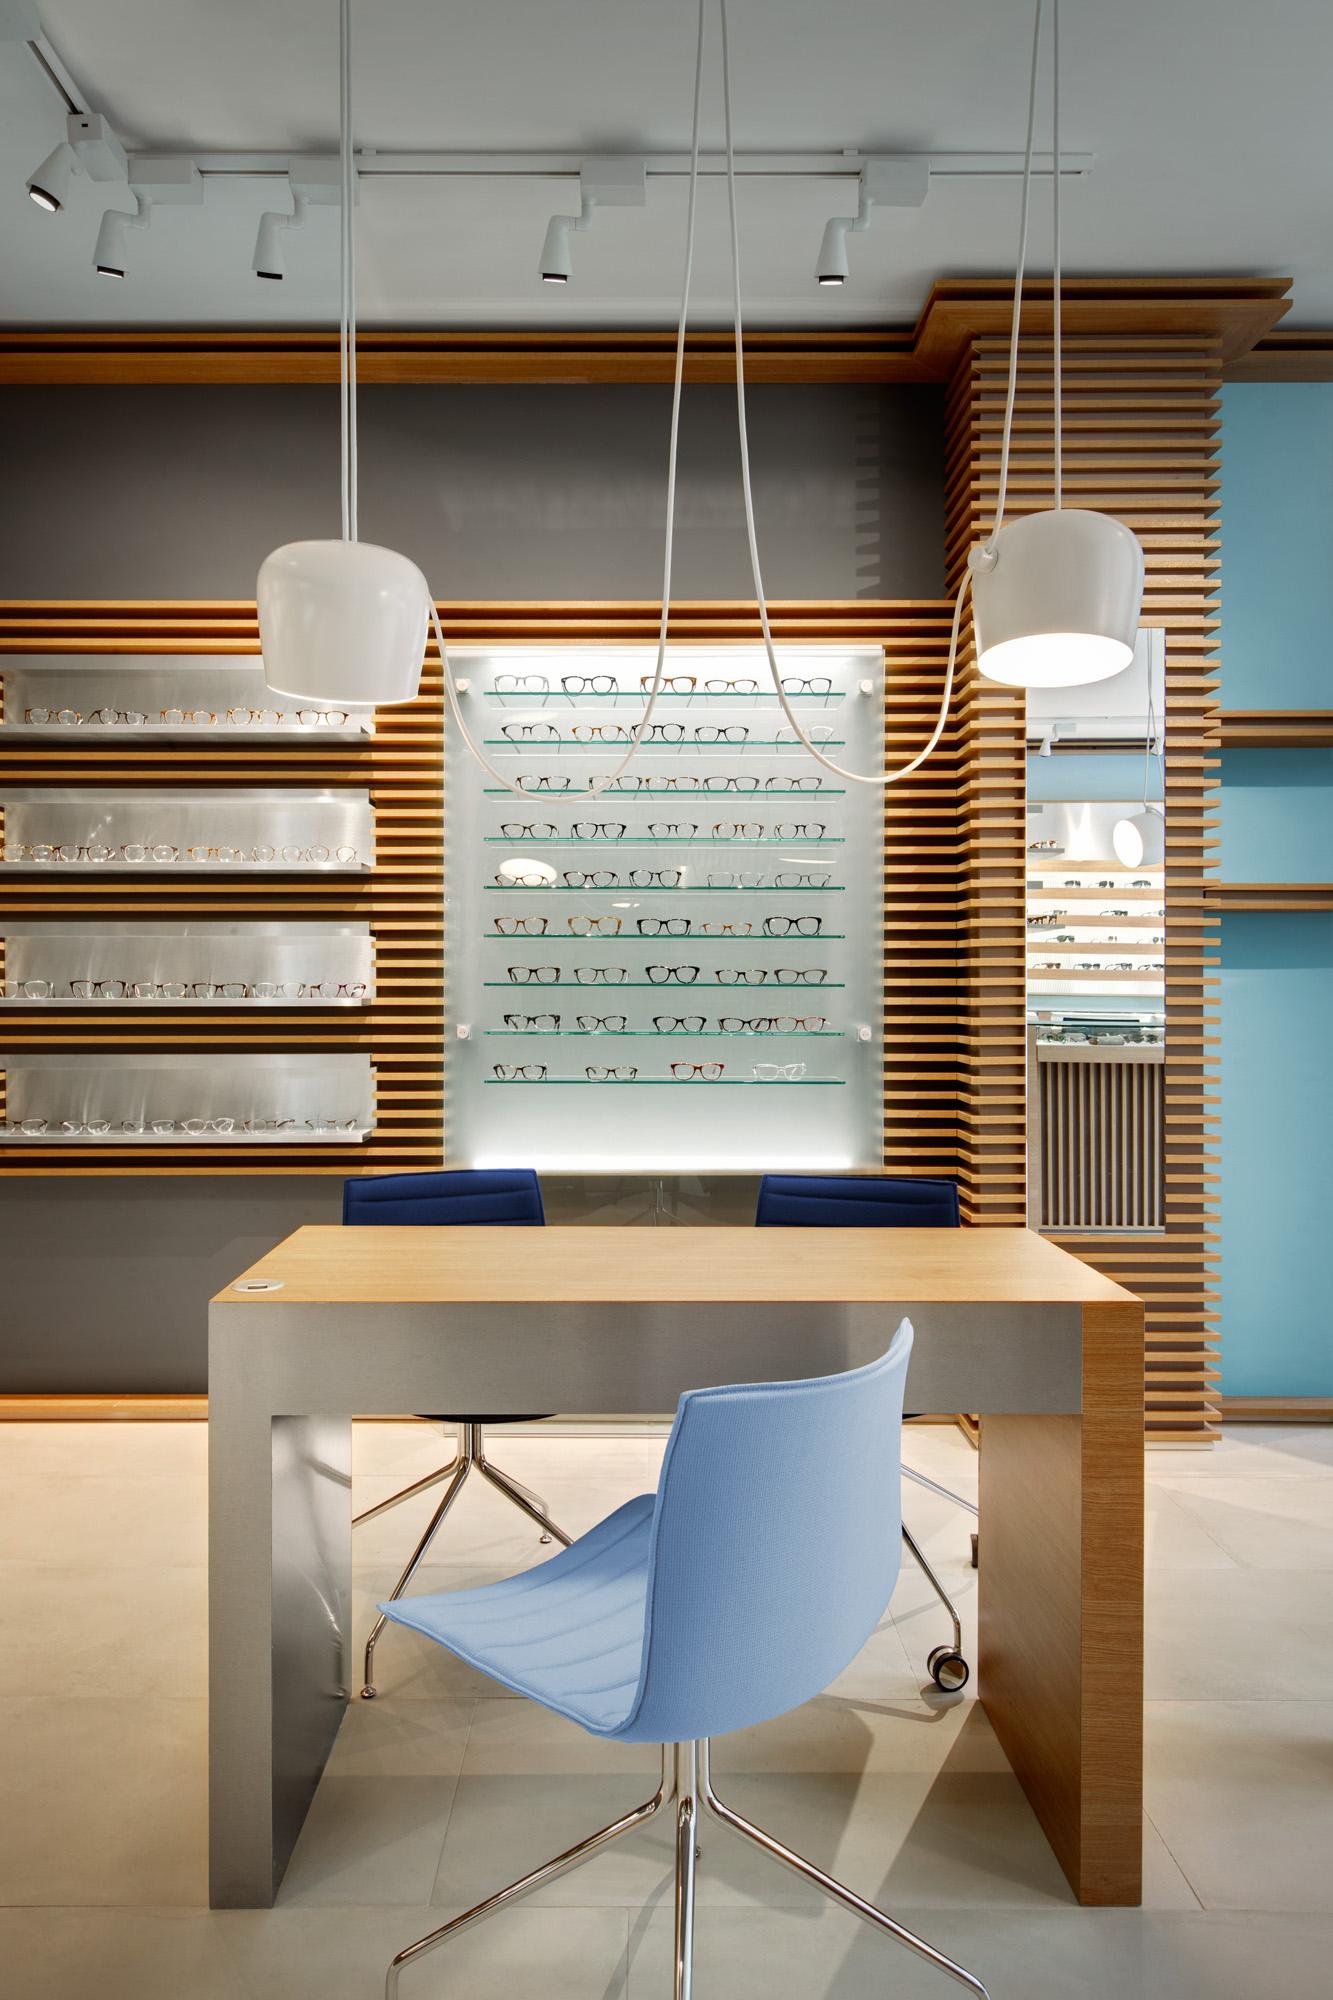 6-pisidesign-alessandra-pisi-architecte-agencement-opticien-design-thomas_opticien-06